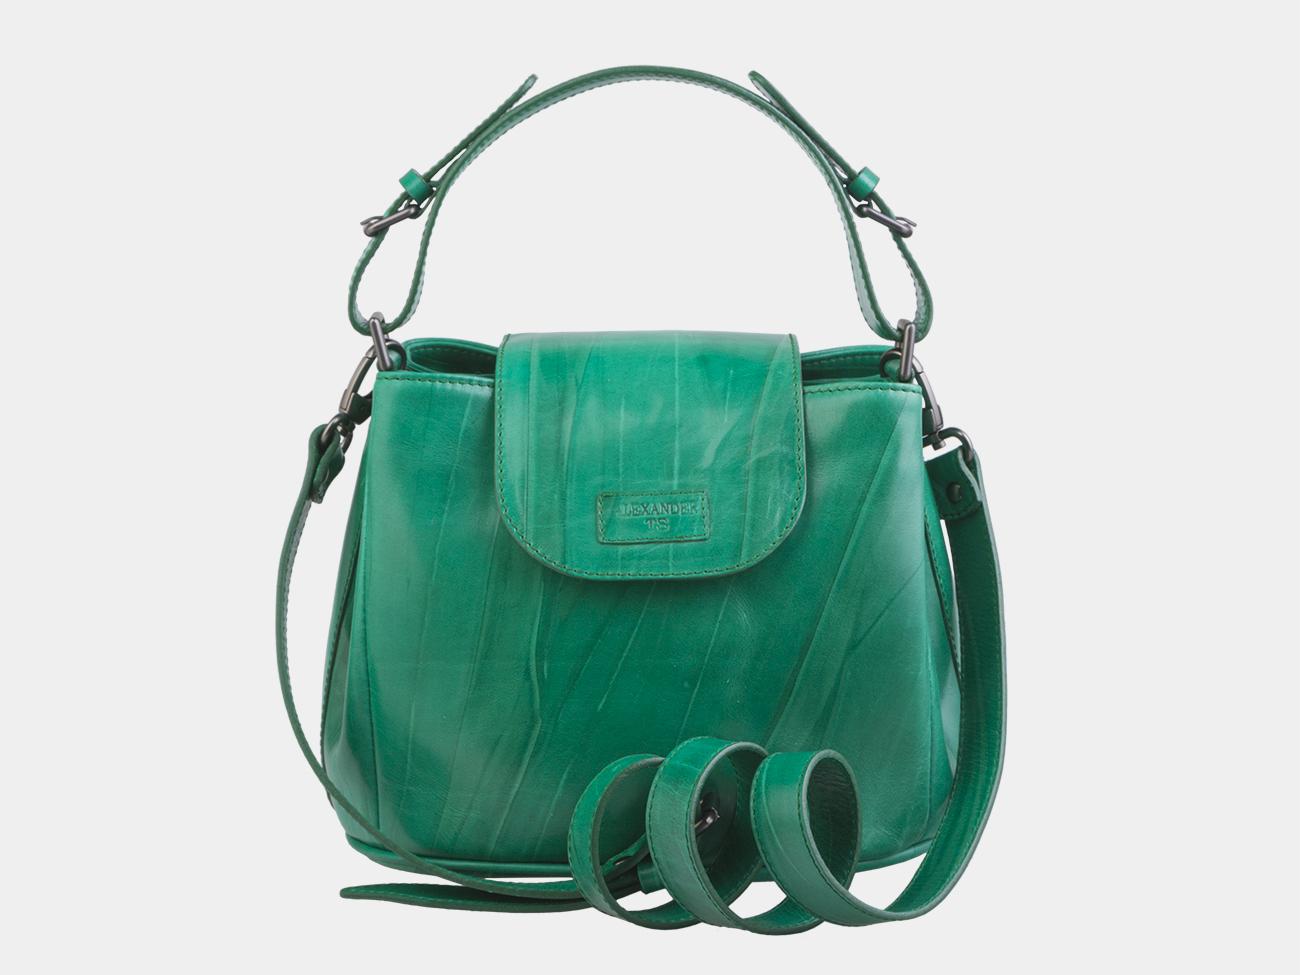 8313d434bb26 Недорого купить зелёную кожаную женскую сумку из натуральной кожи ...